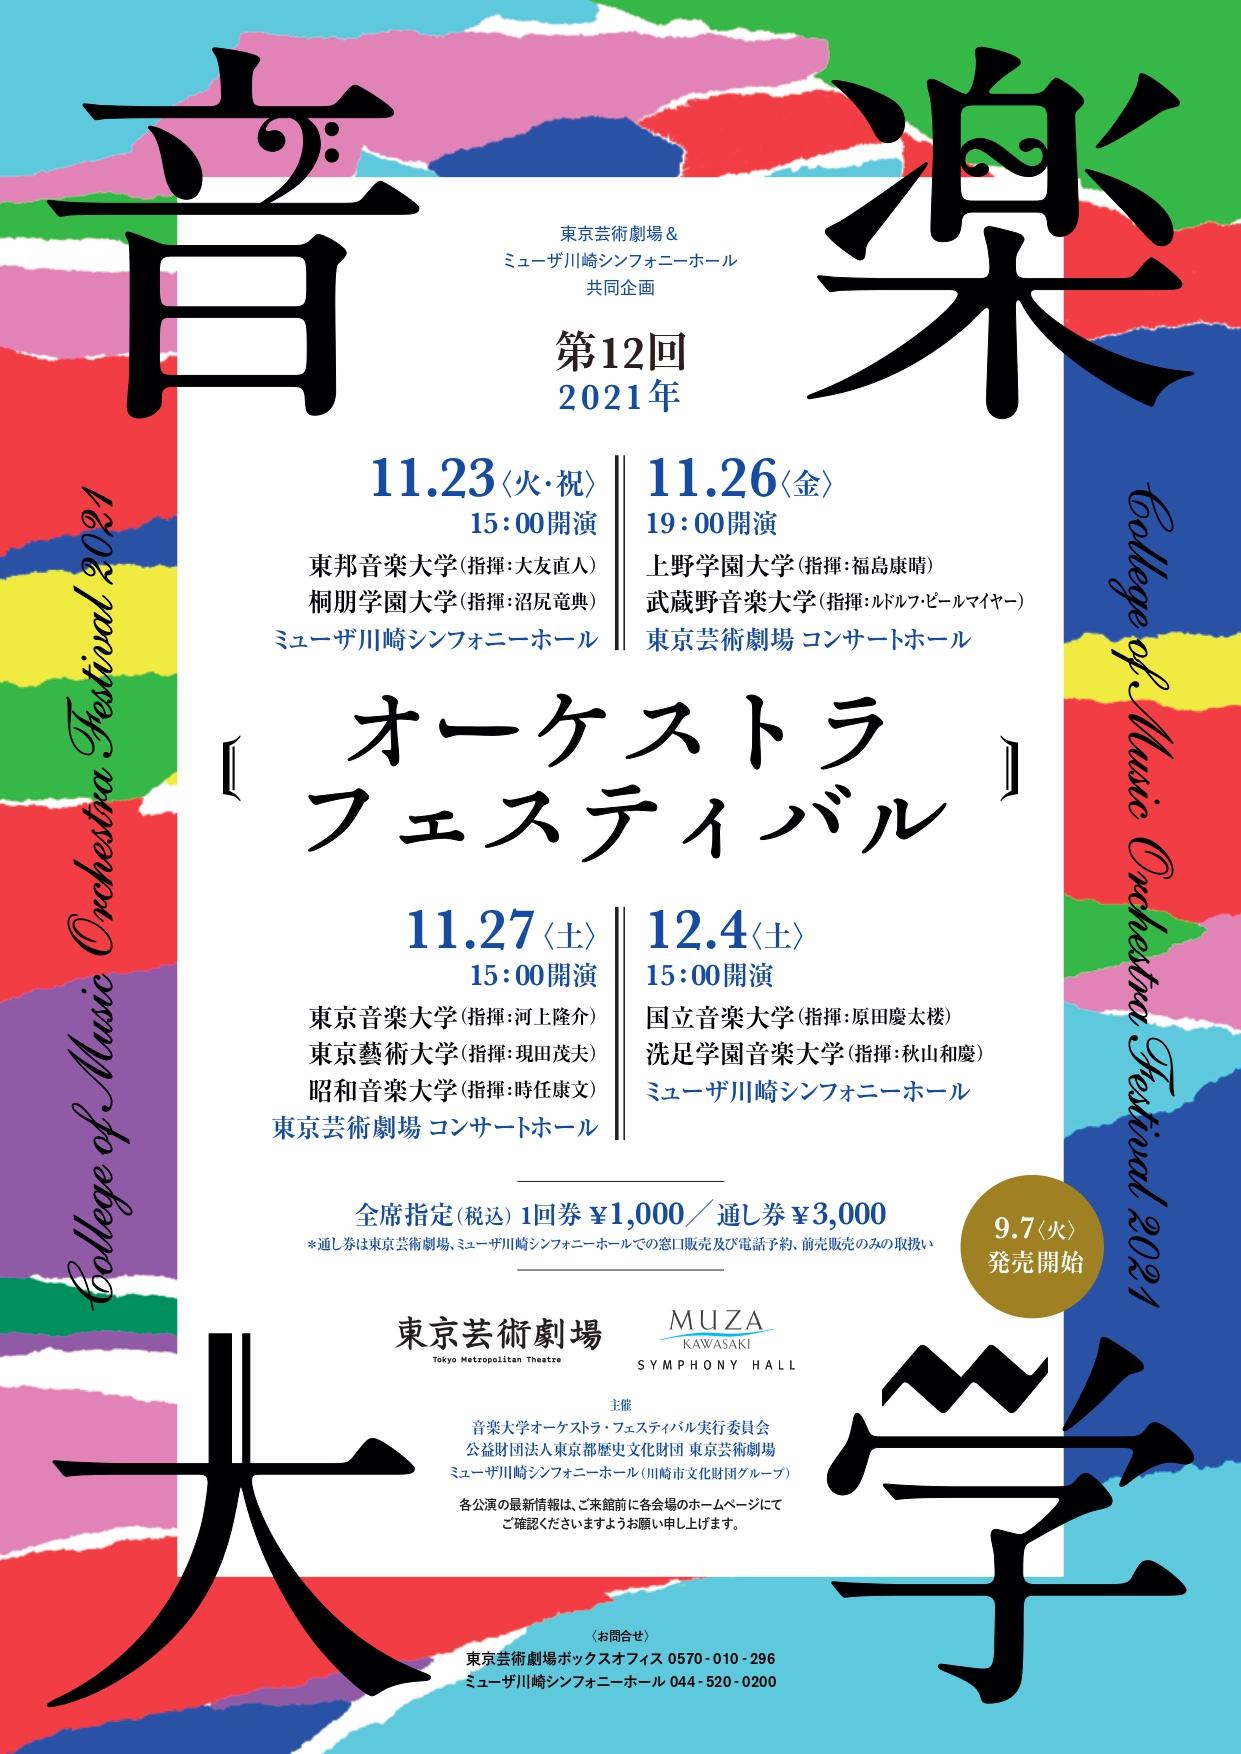 第12回 音楽大学オーケストラ・フェスティバル2021